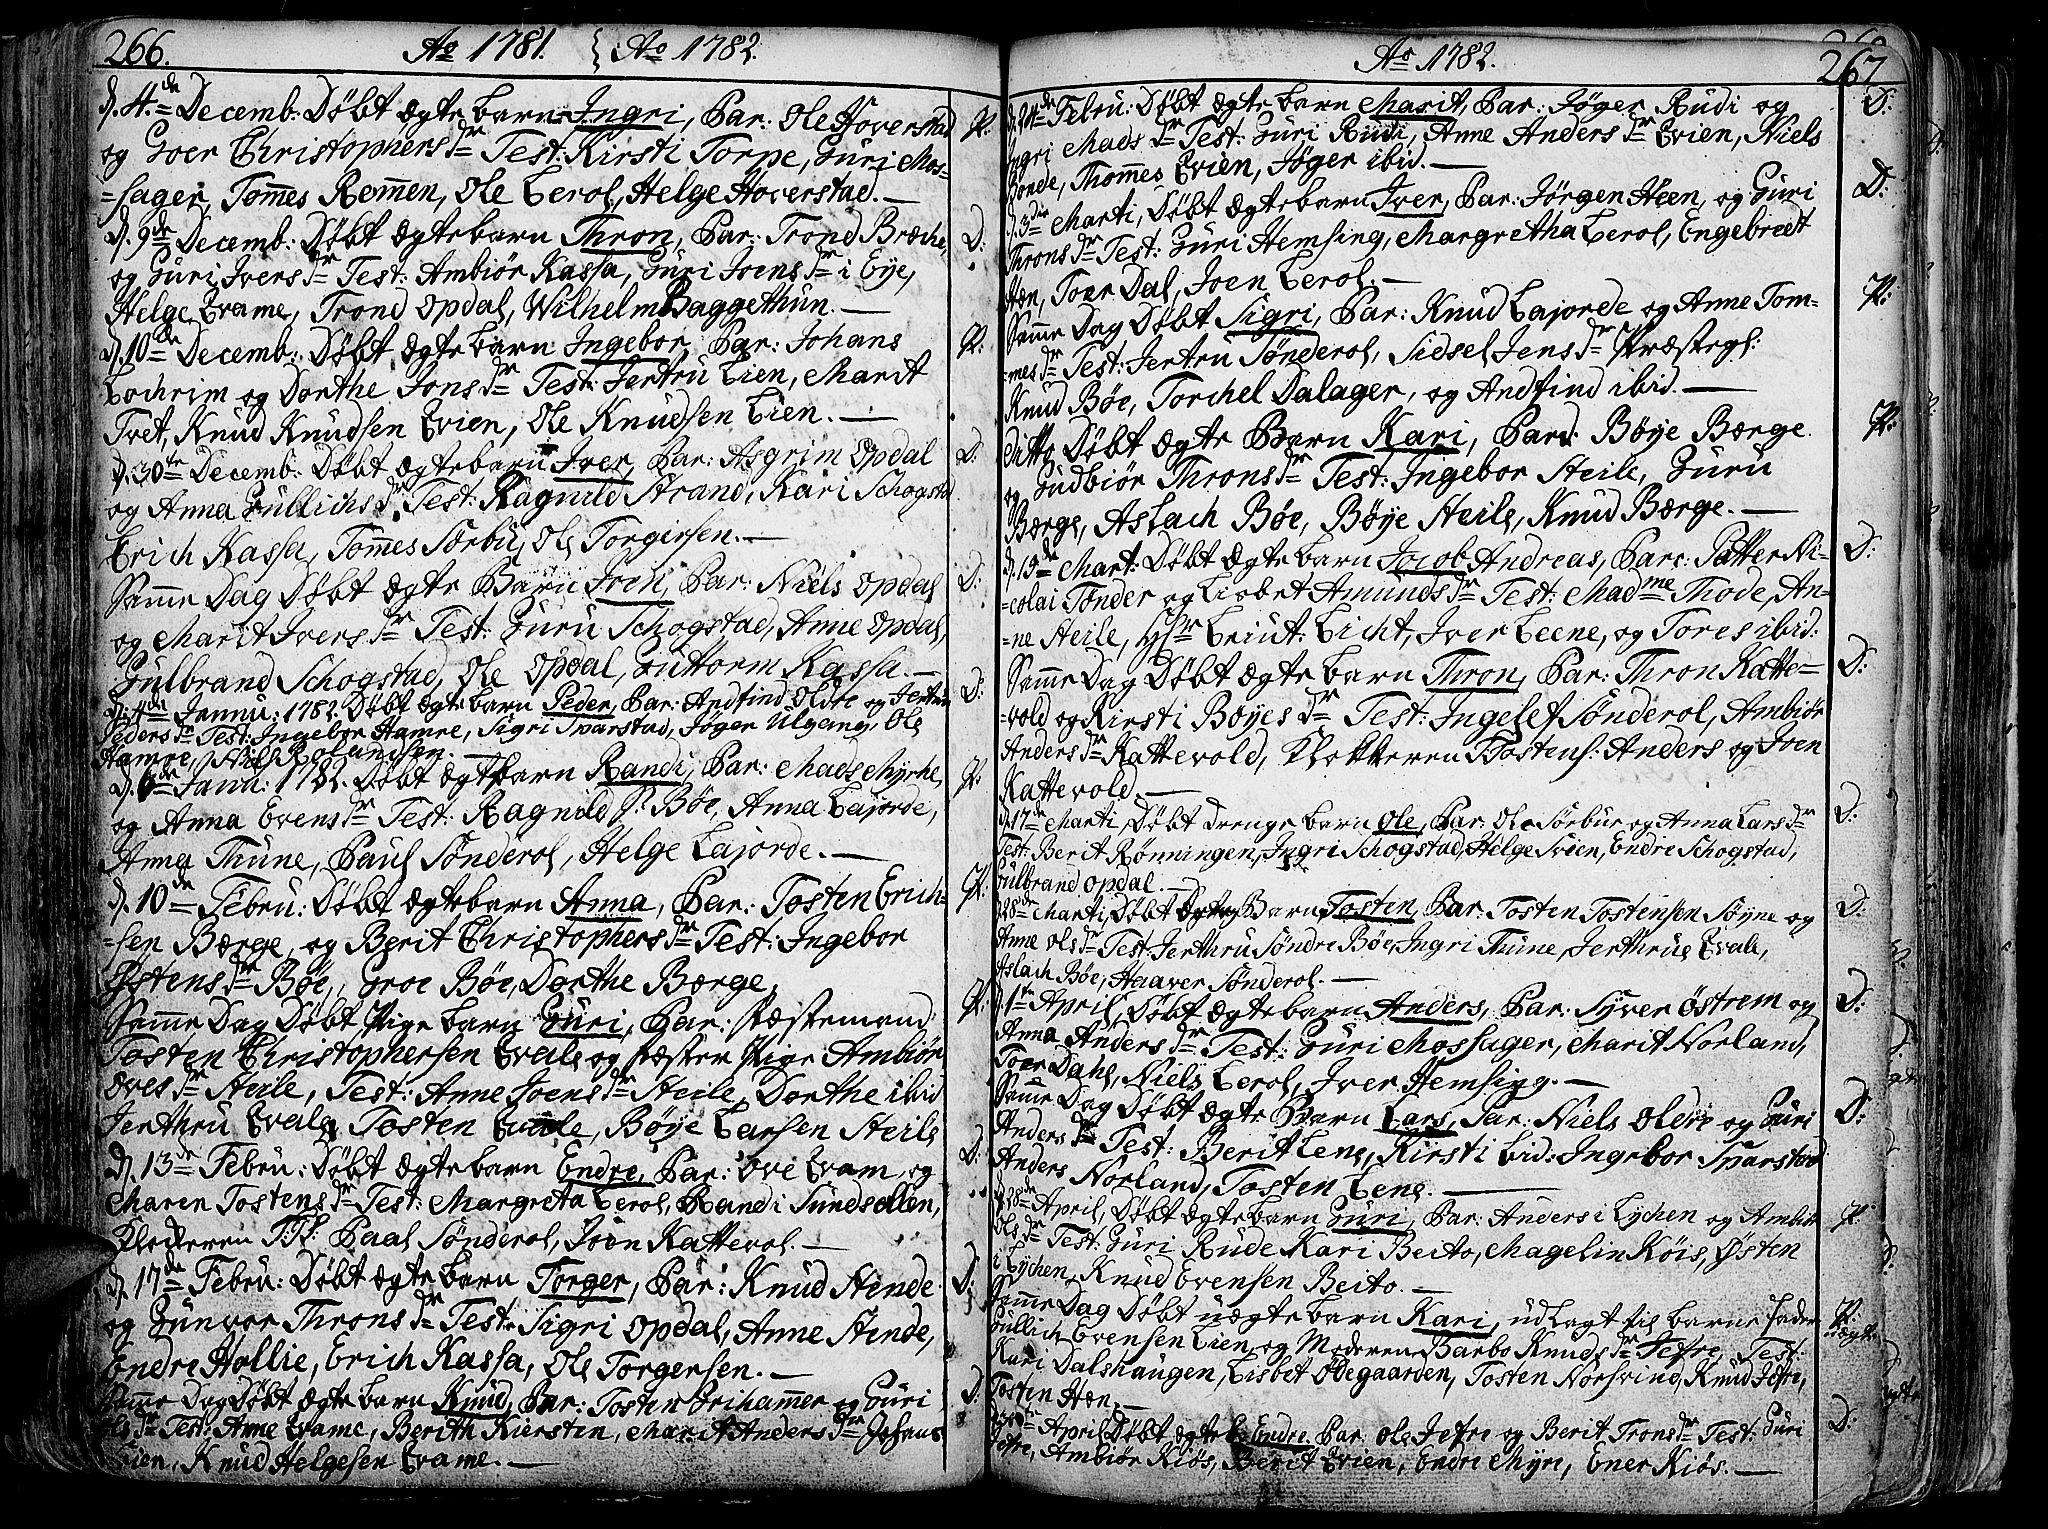 SAH, Vang prestekontor, Valdres, Ministerialbok nr. 1, 1730-1796, s. 266-267